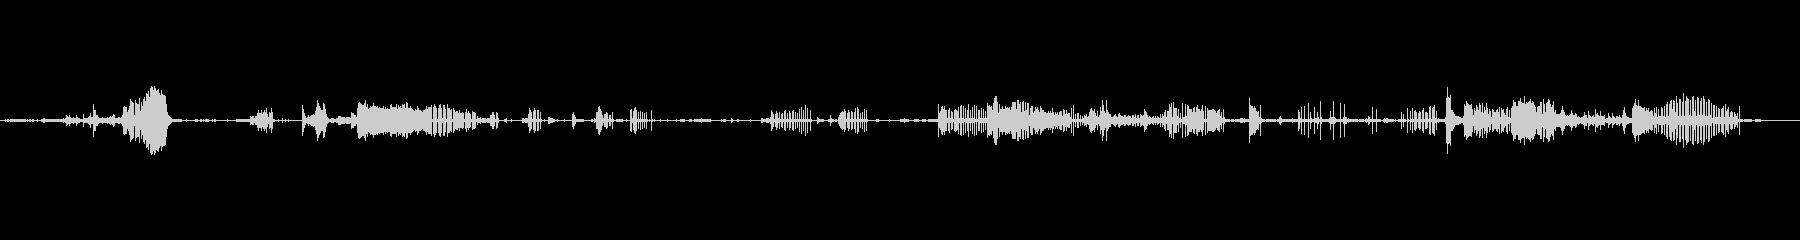 クリック、録音されたハイドロフォン、動物の未再生の波形